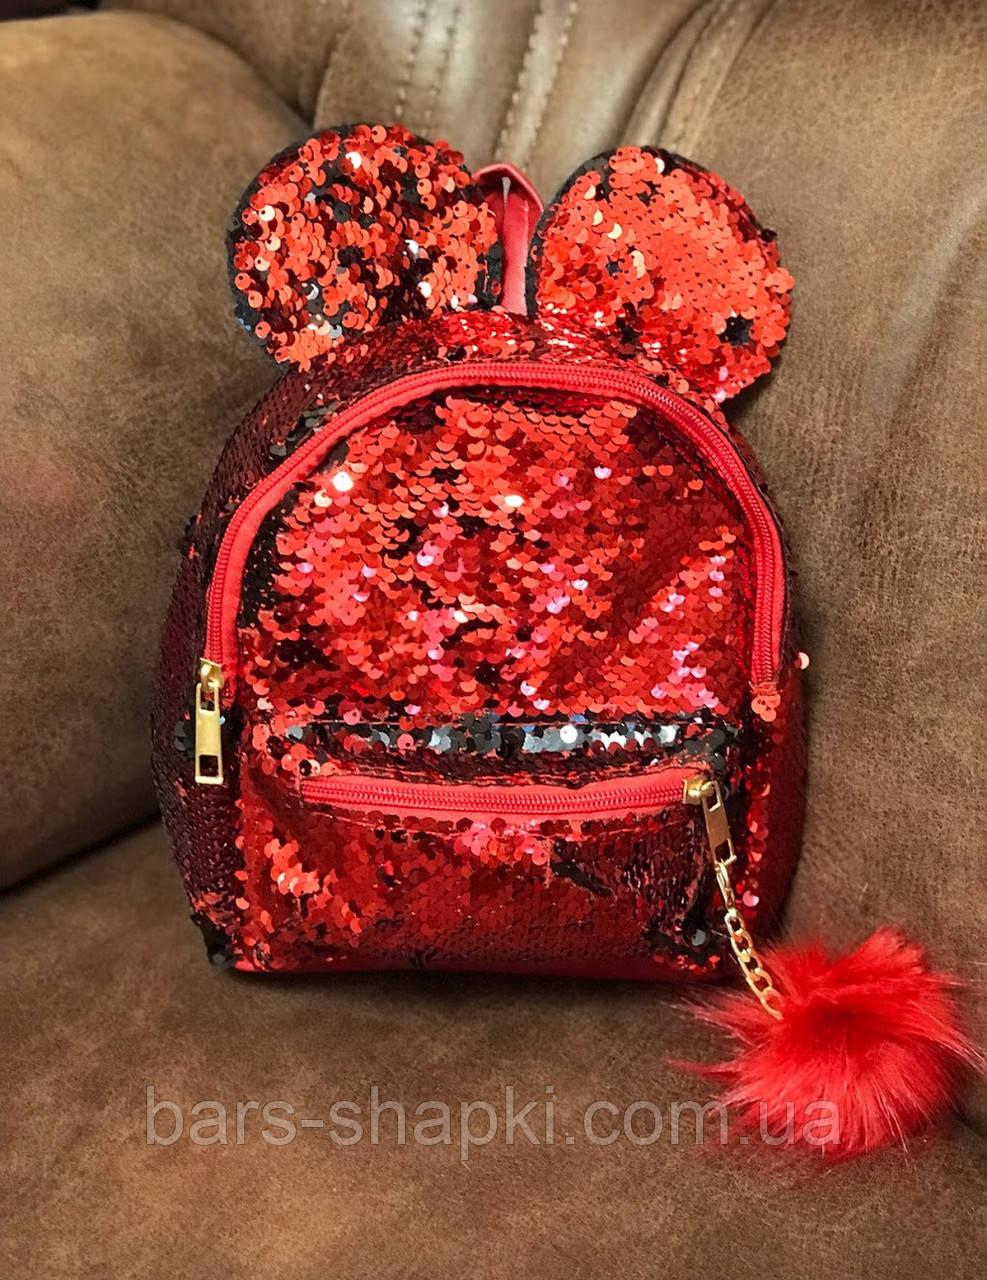 Детский рюкзак с ушками паетками и меховым помпоном.